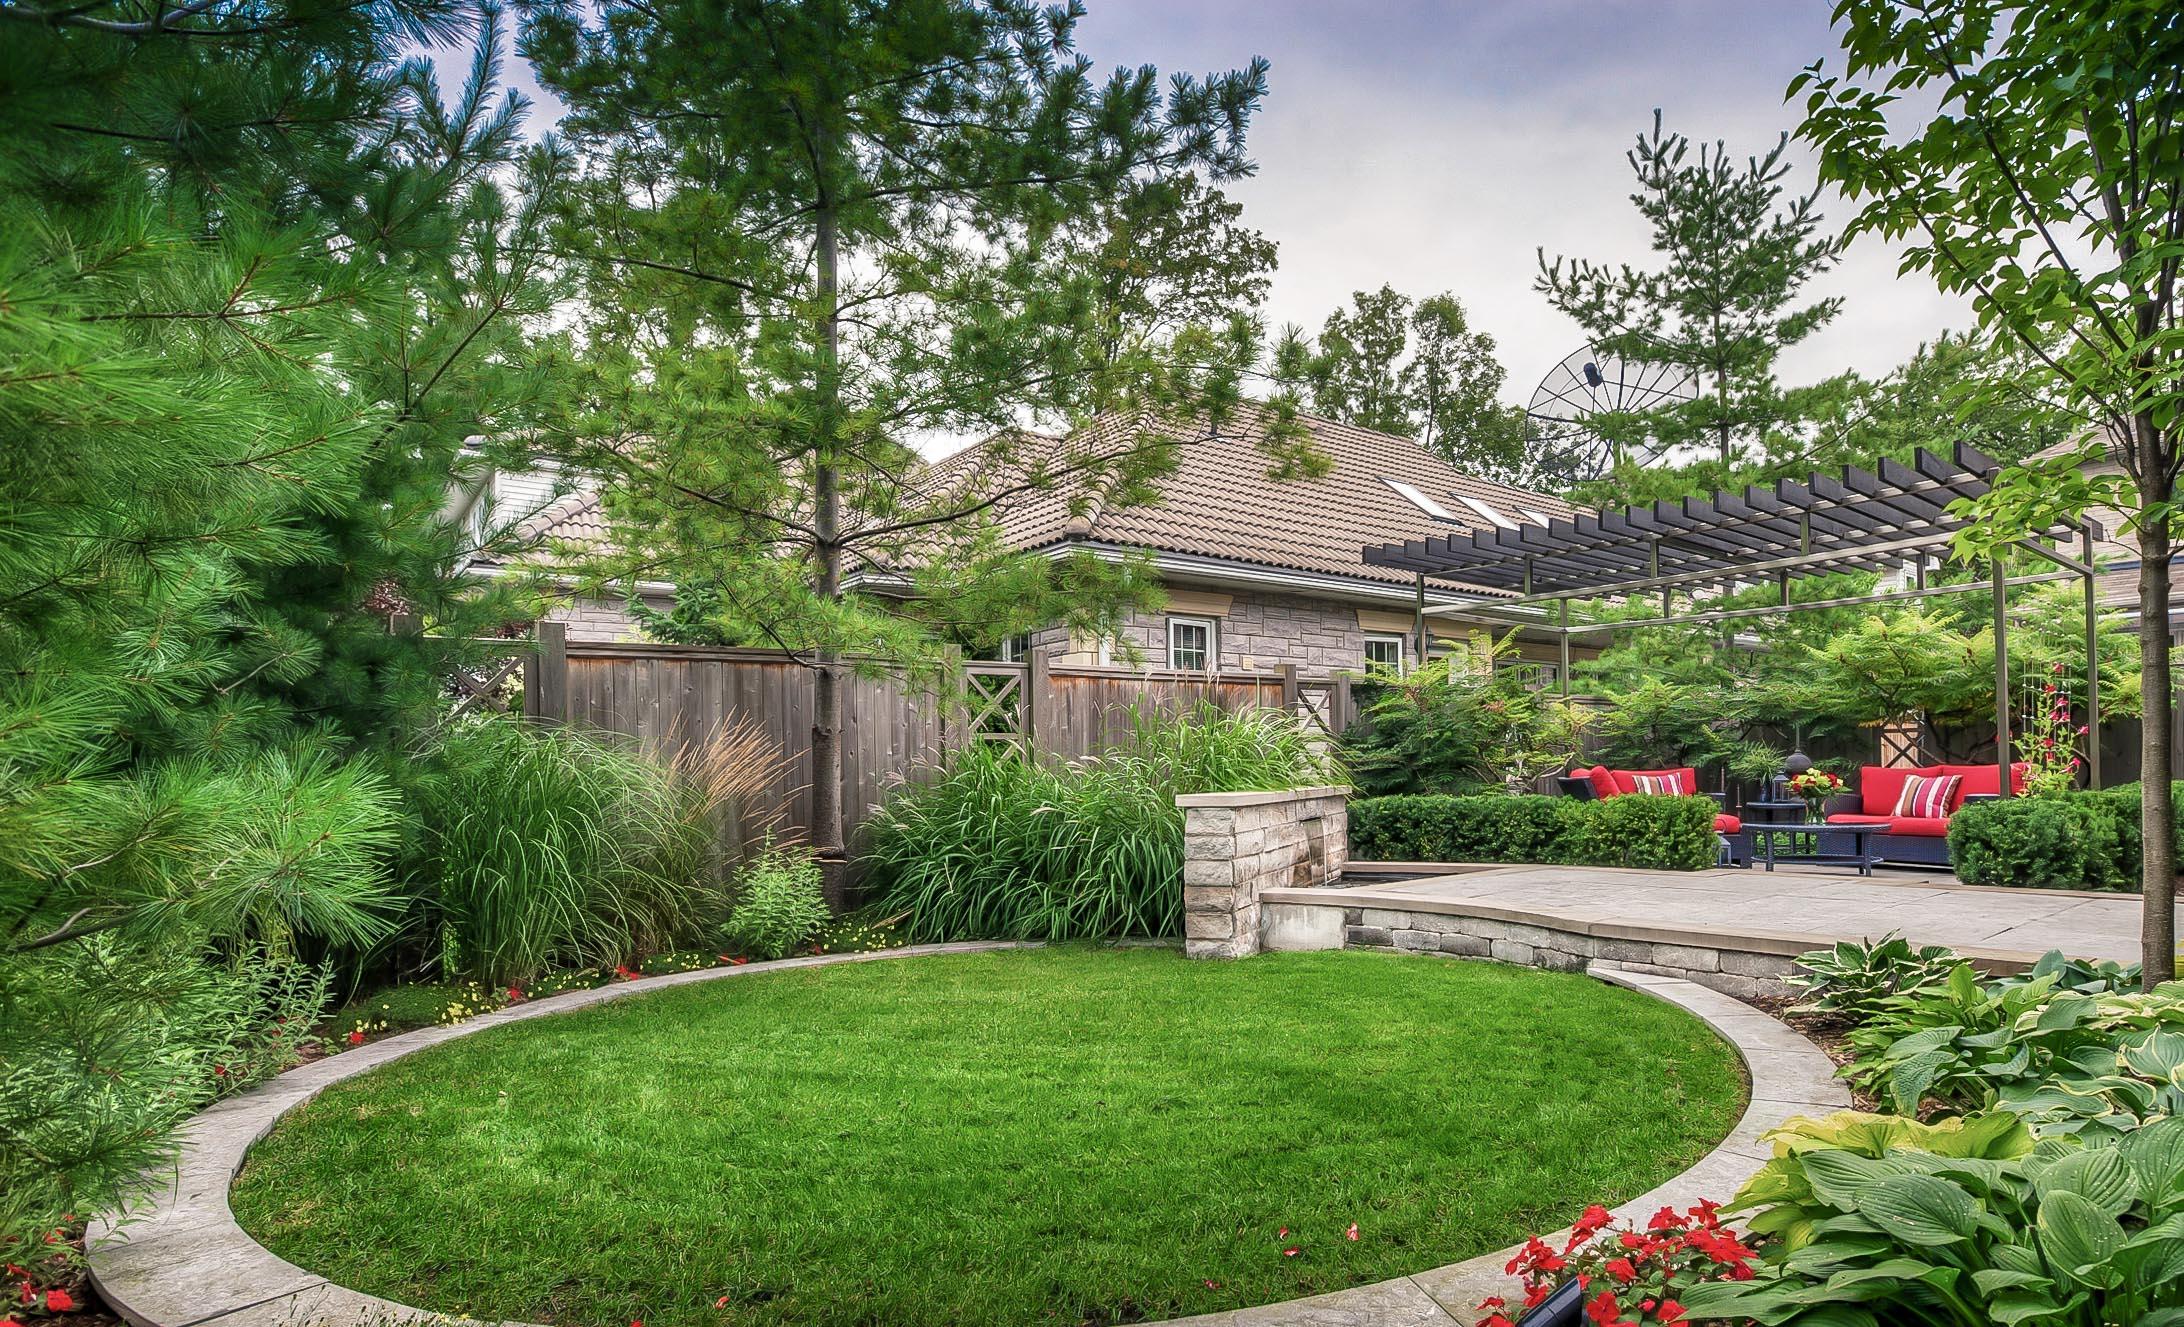 Valleyview Landscape Design